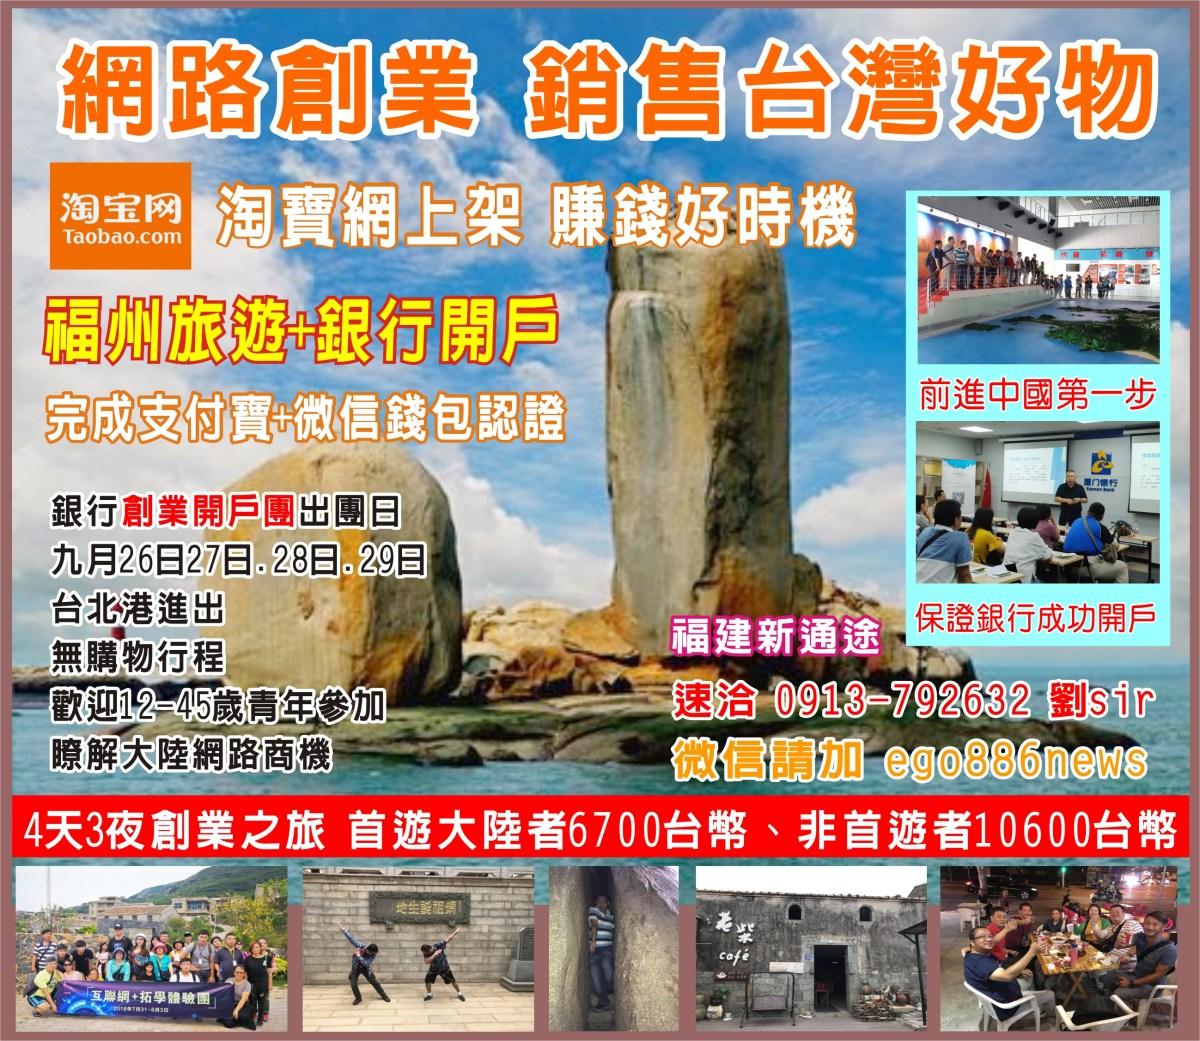 福州旅遊銀行卡開戶團9月26日出發囉 | 兩岸通/大陸銀行開戶第一步